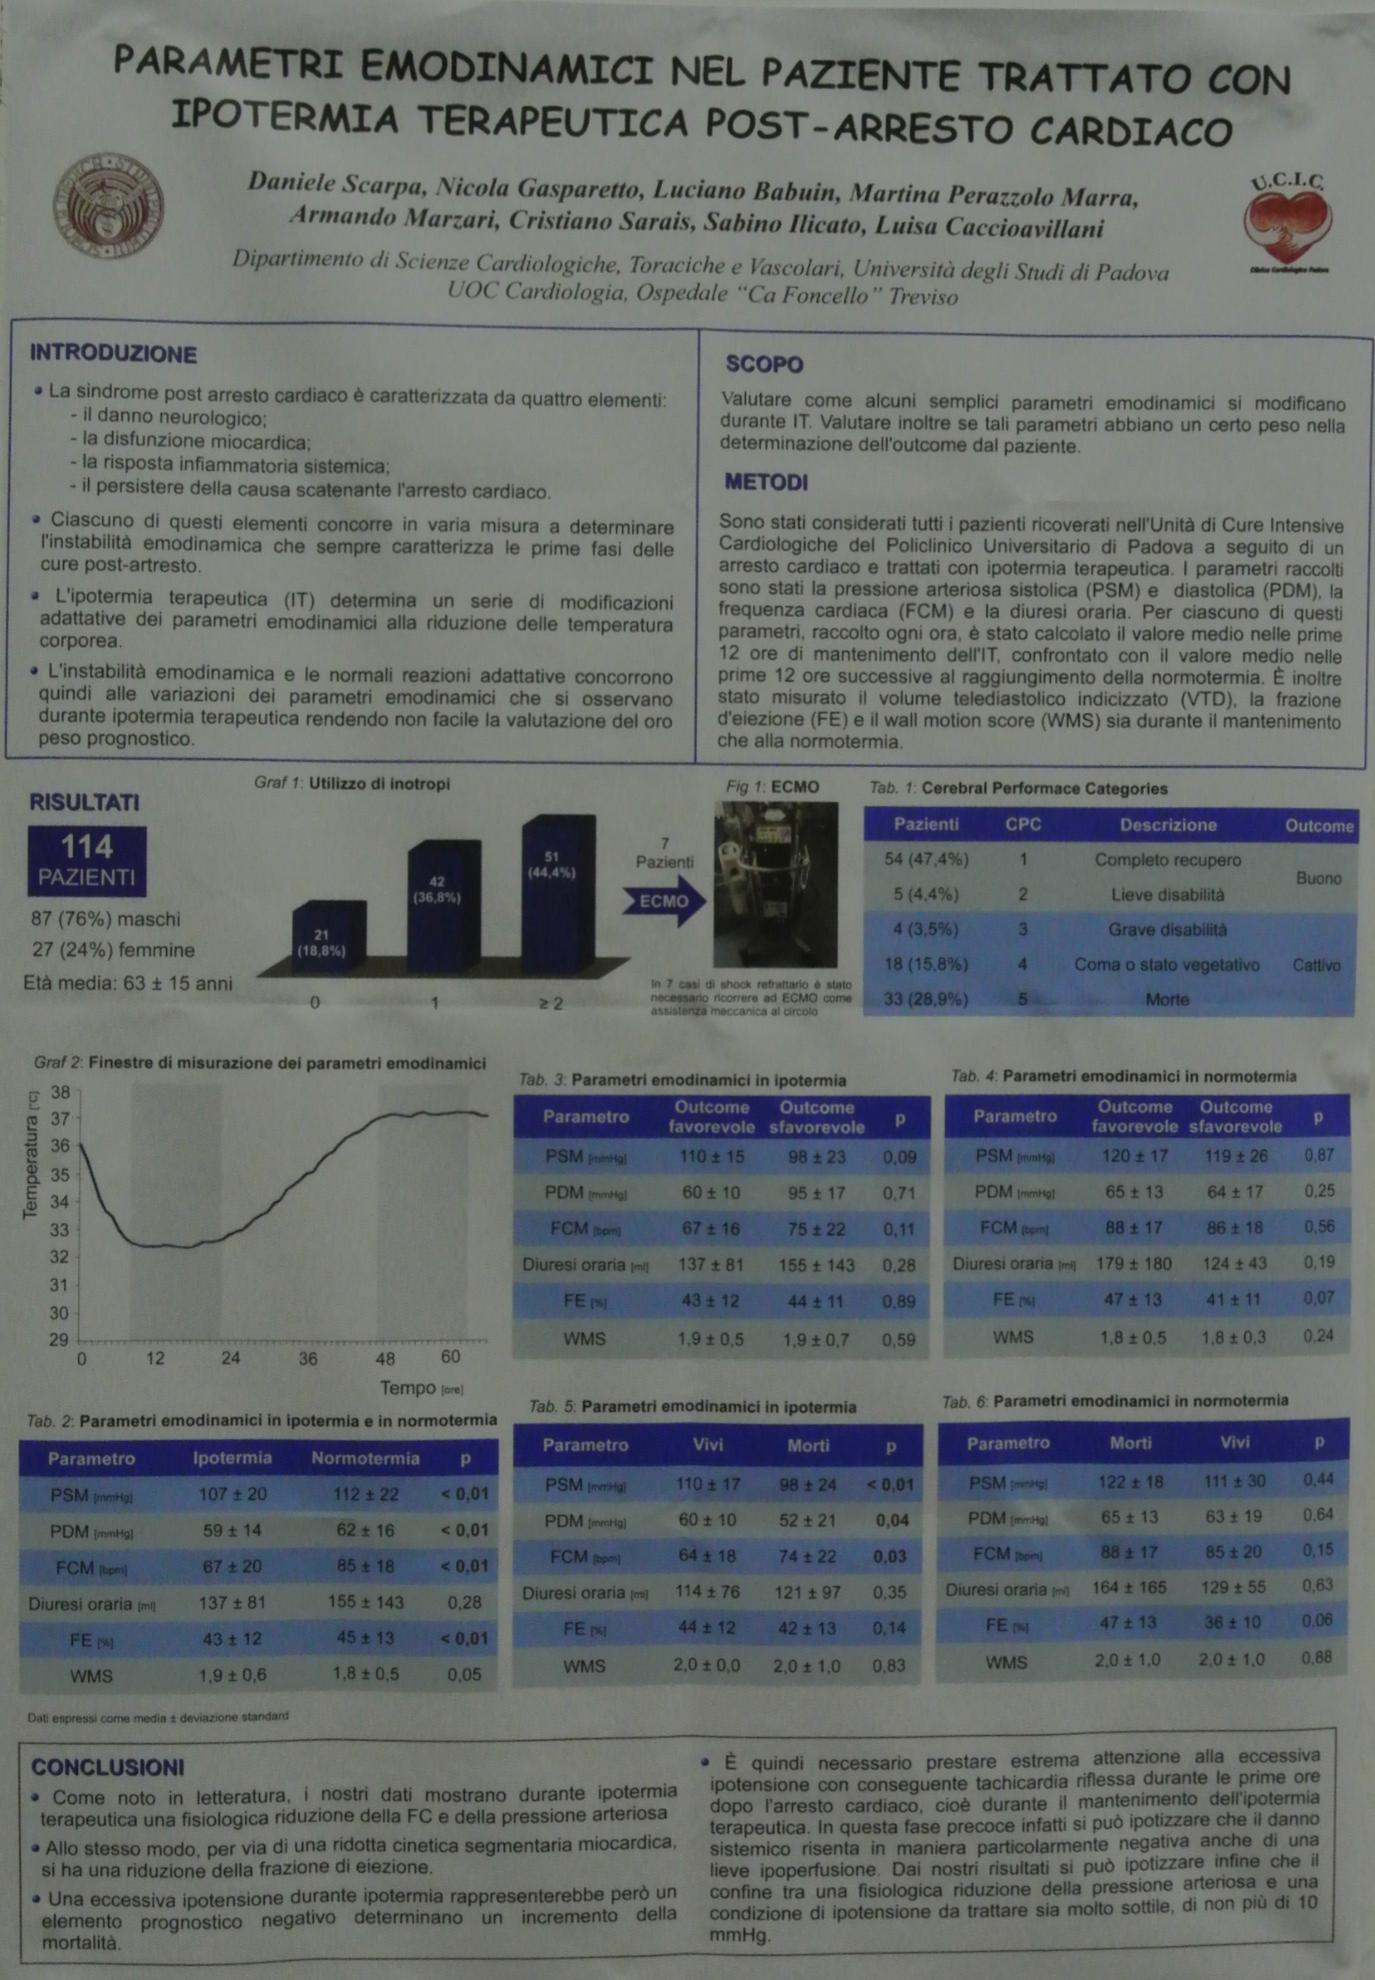 22-parametri-emo-pz-ipotermia-terapeutica-scarpa-gasparetto-babuin-perazzolo-marzari